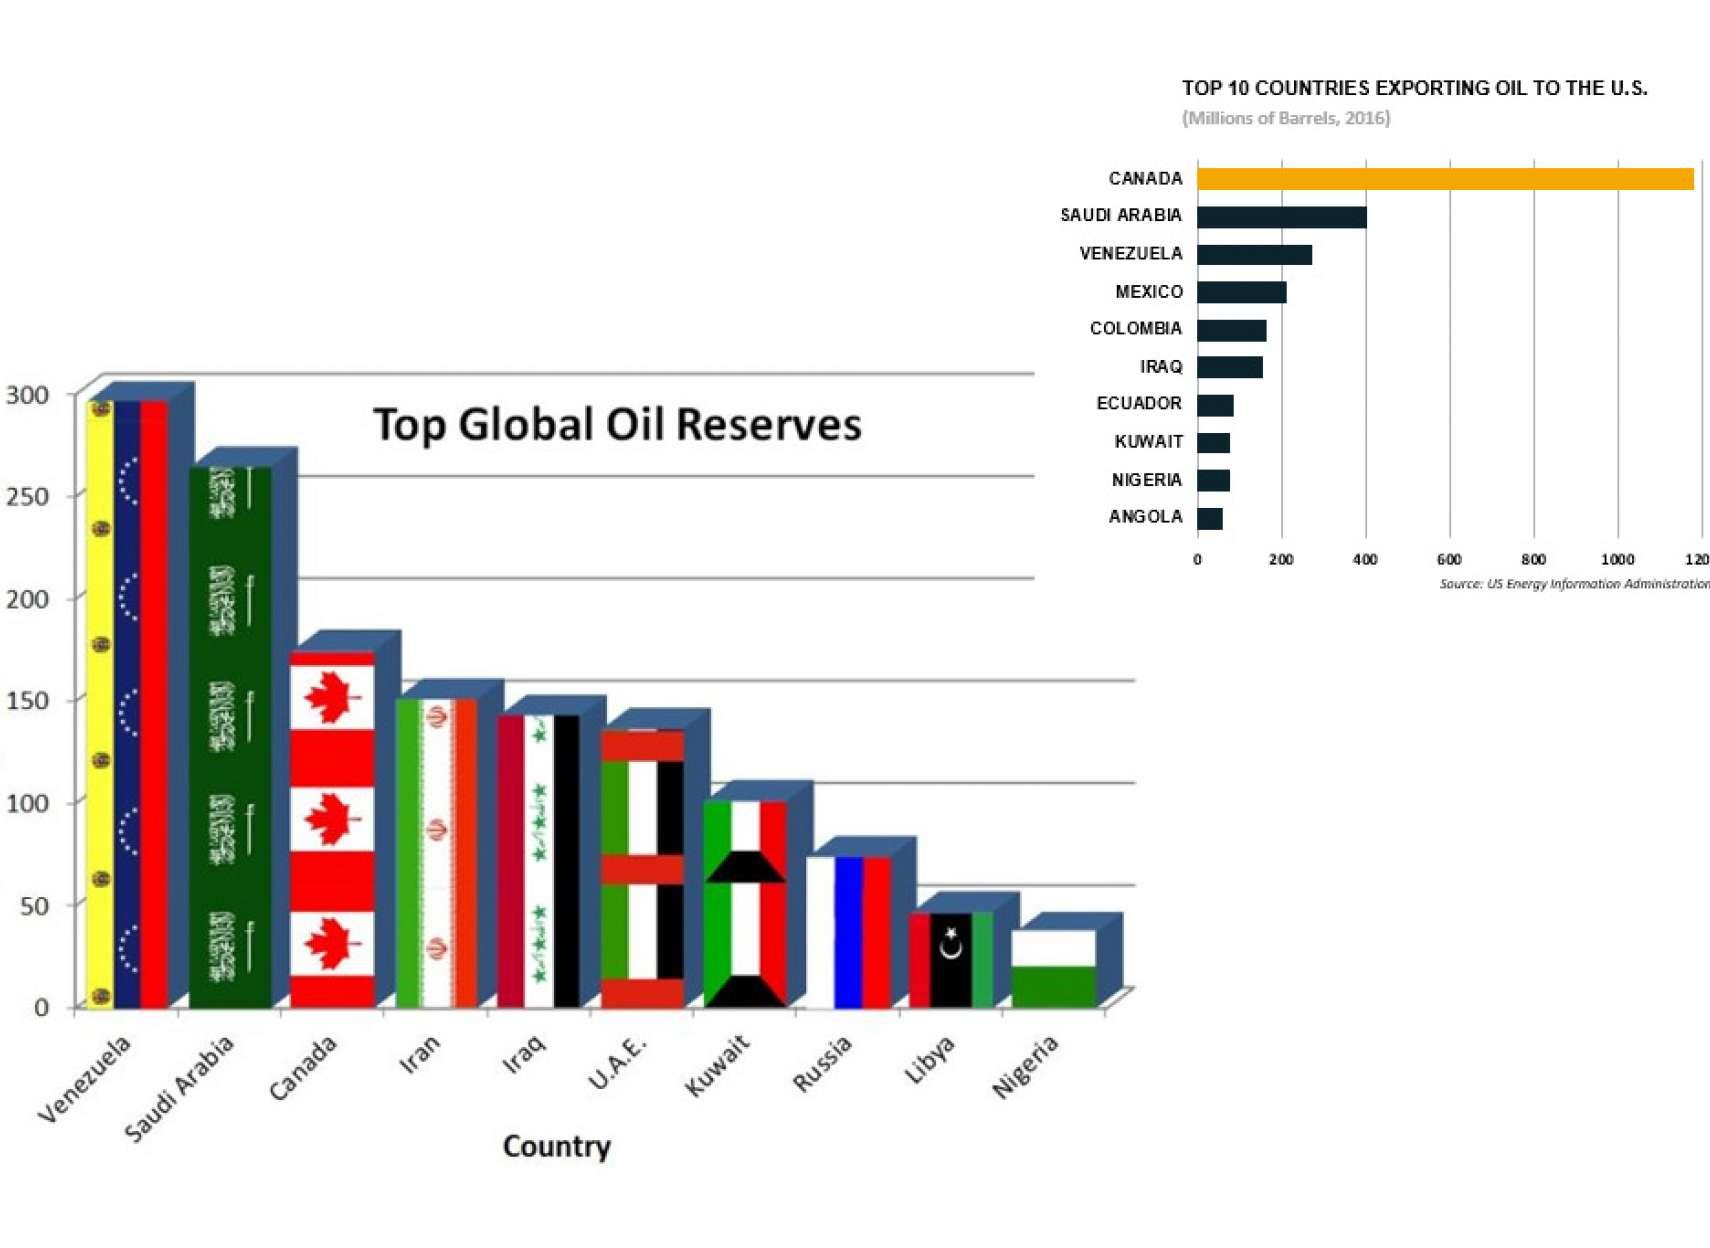 کانادا-آرش-آبادی-برخی-دیگر-از-ماجراهای-پشت-پرده-نفت-کانادا